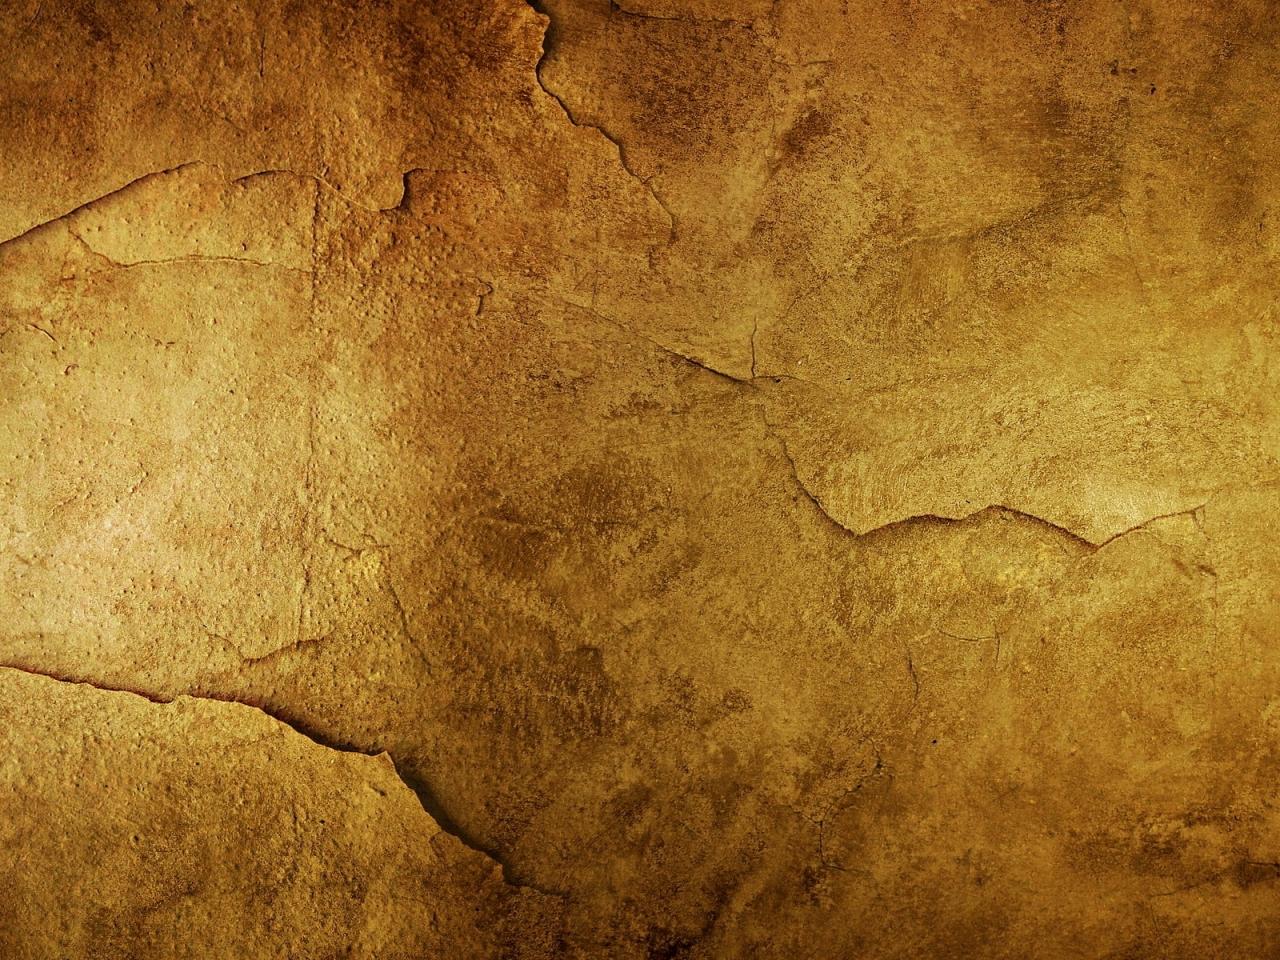 Texturas de papeles viejos - 1280x960